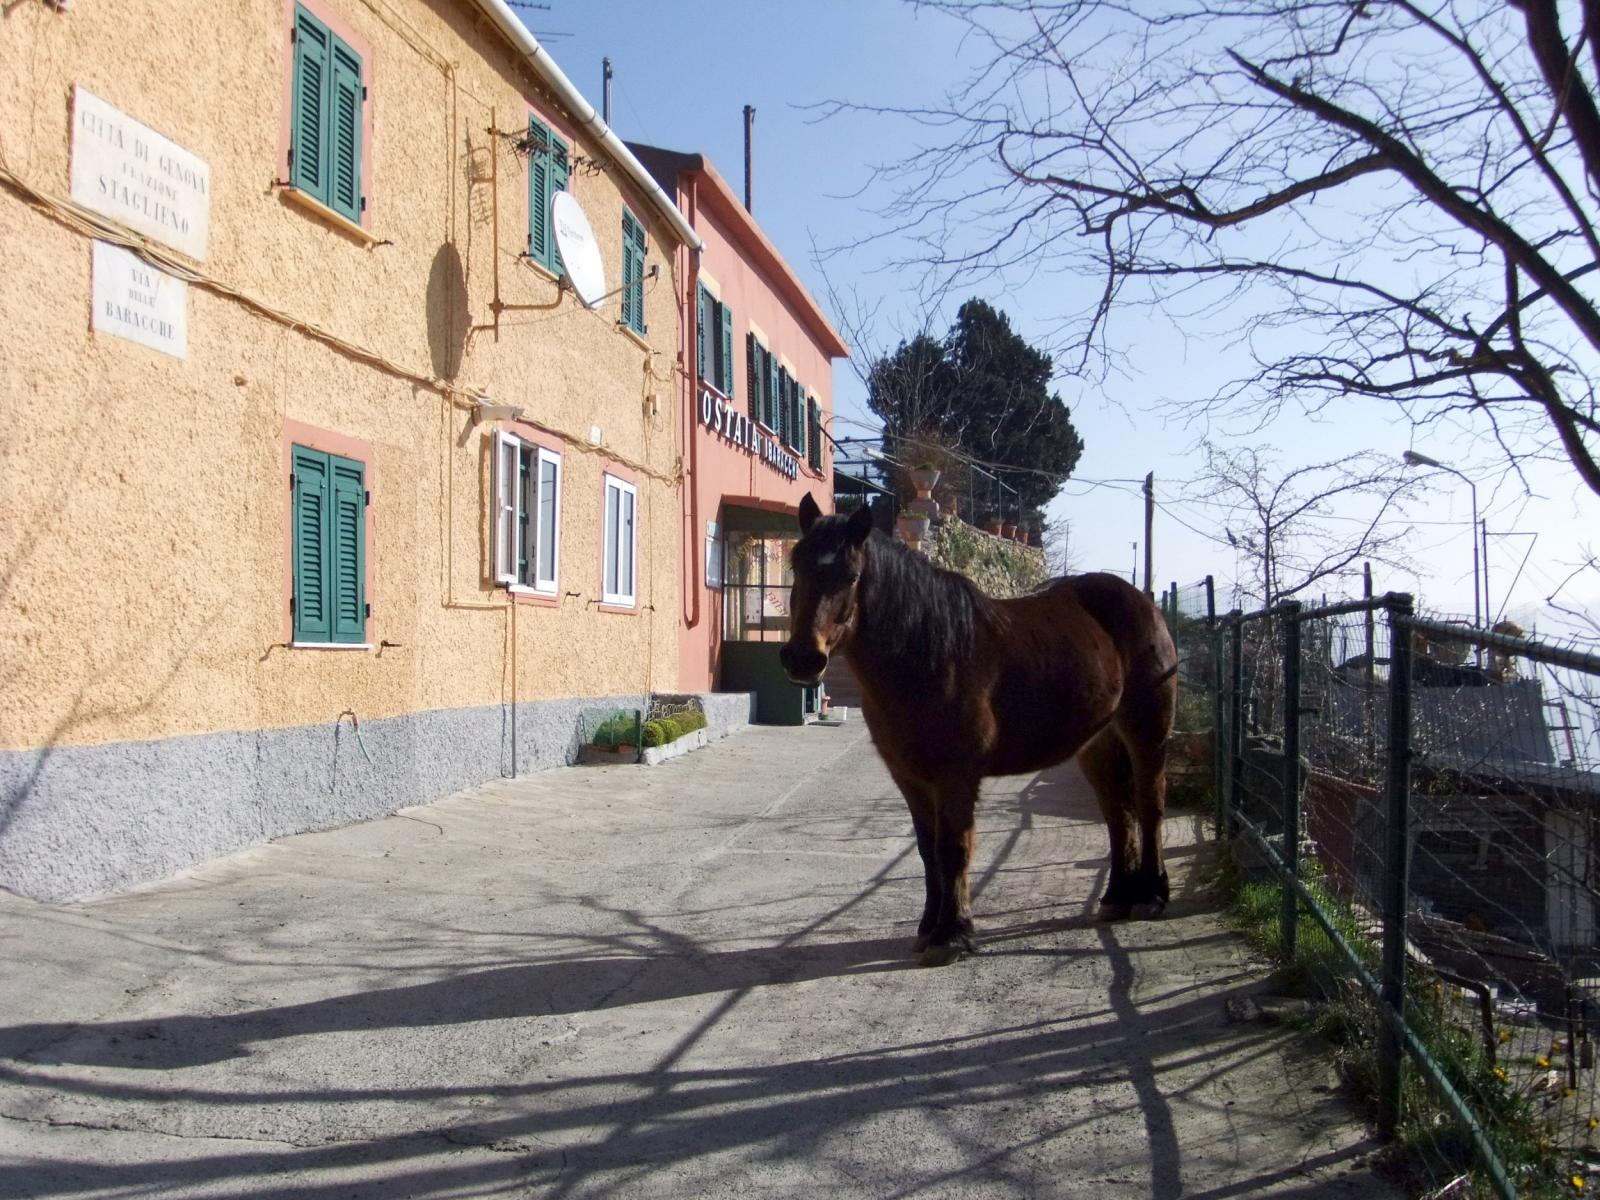 Cavallo all'Osteria delle Baracche